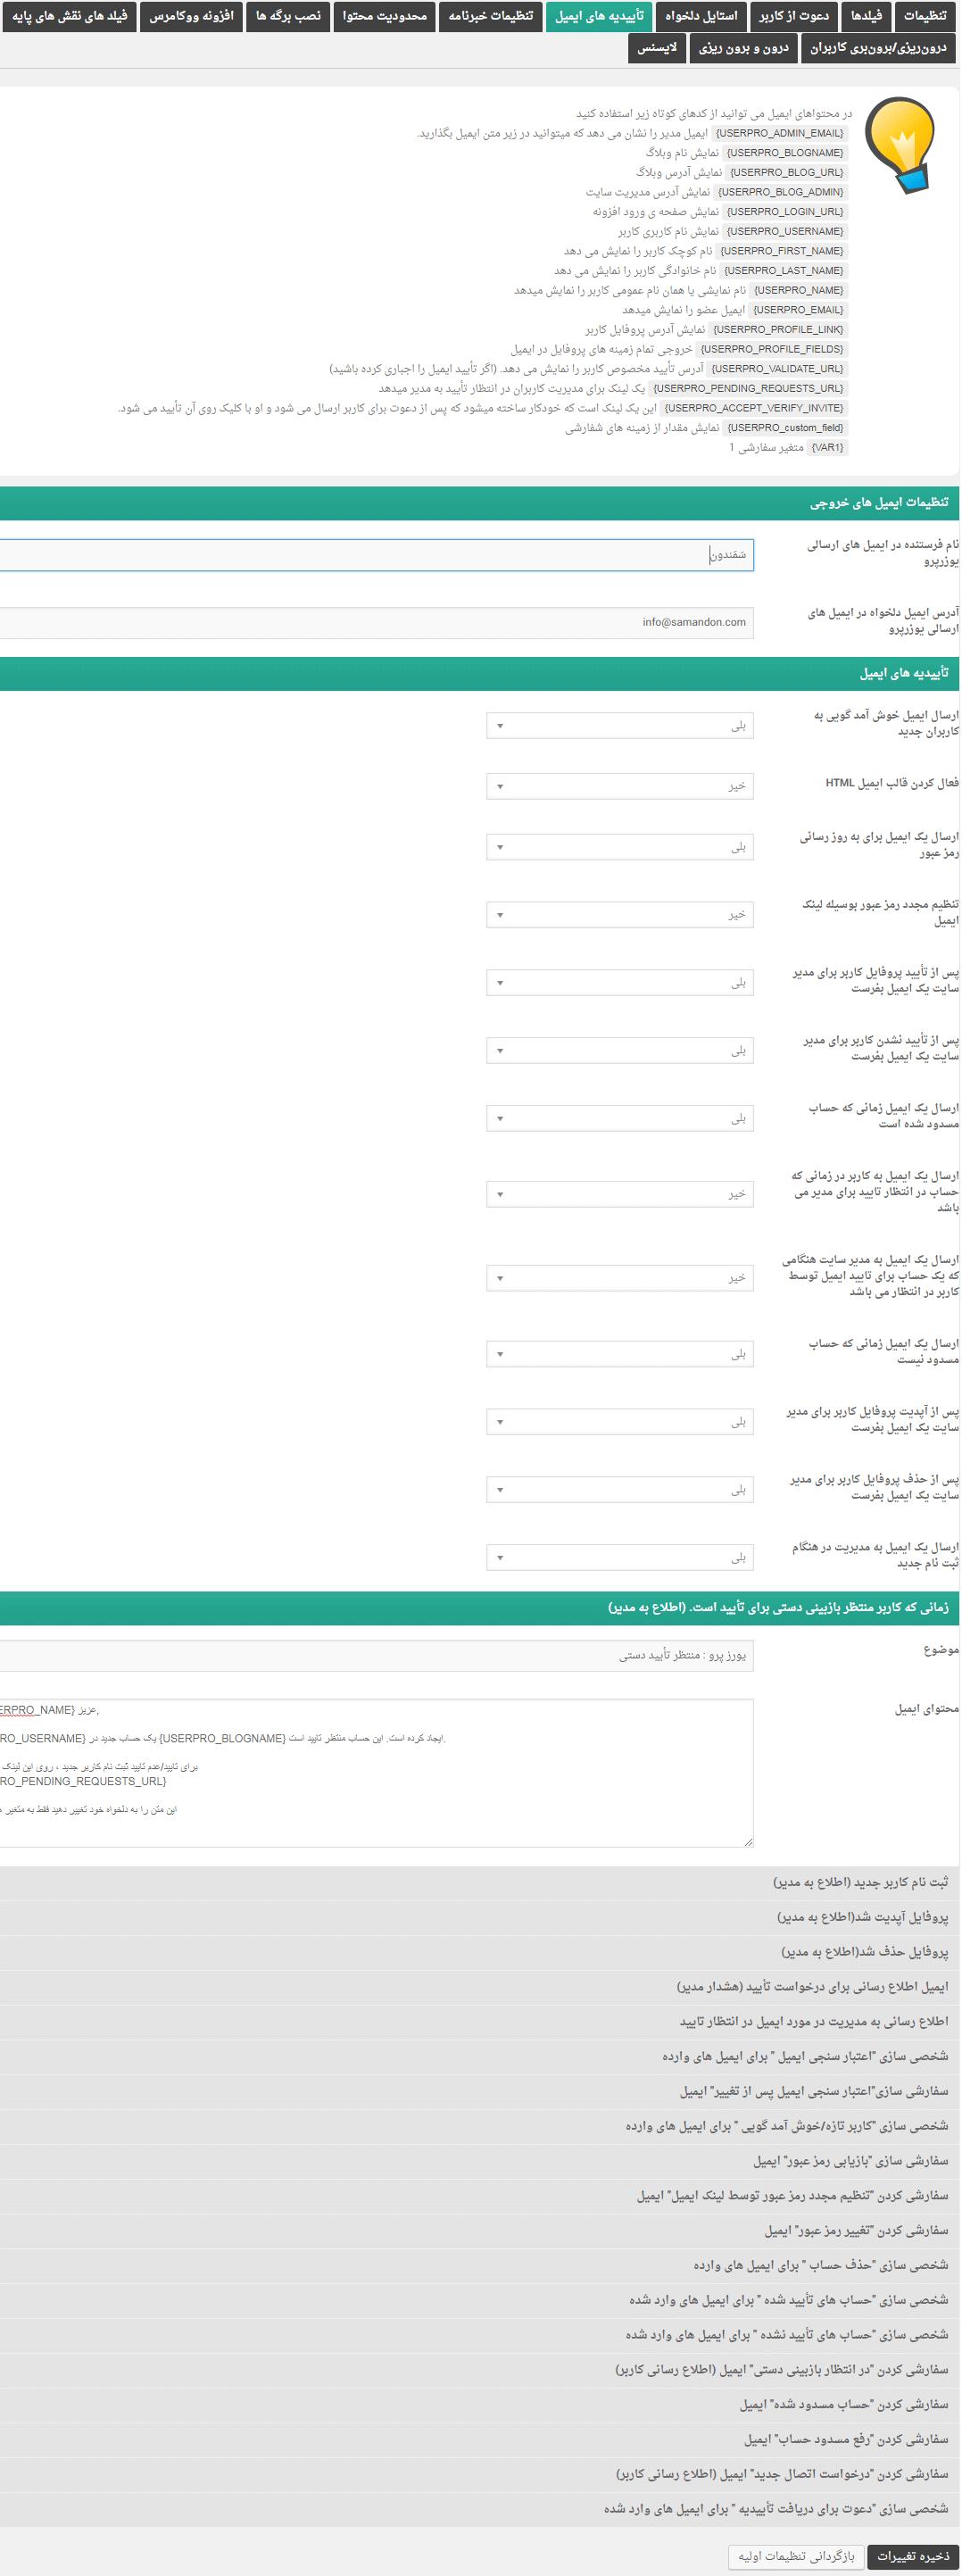 قابلیت سفارشی سازی کامل تاییدهای ایمیل های ارسال به کاربران در وضعیت های مختلف